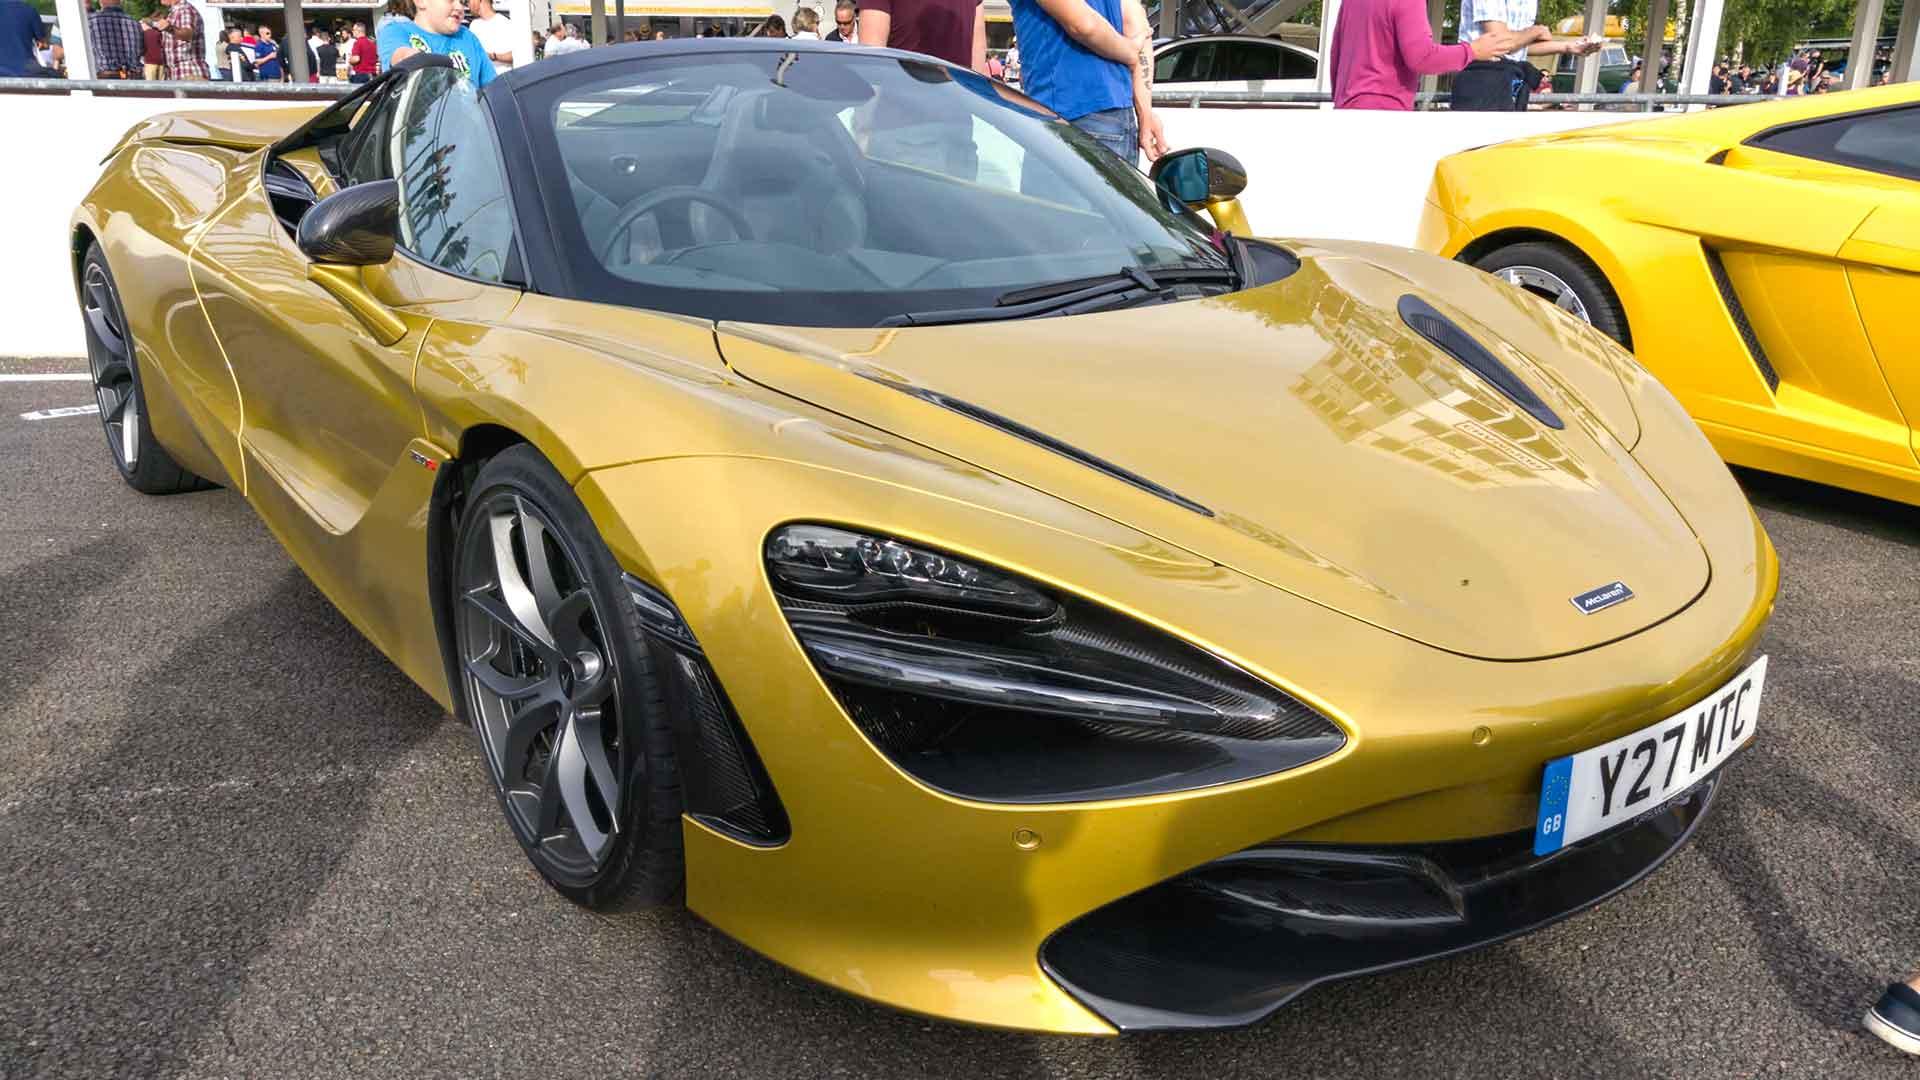 McLaren 720S Spider at Goodwood Supercar Sunday